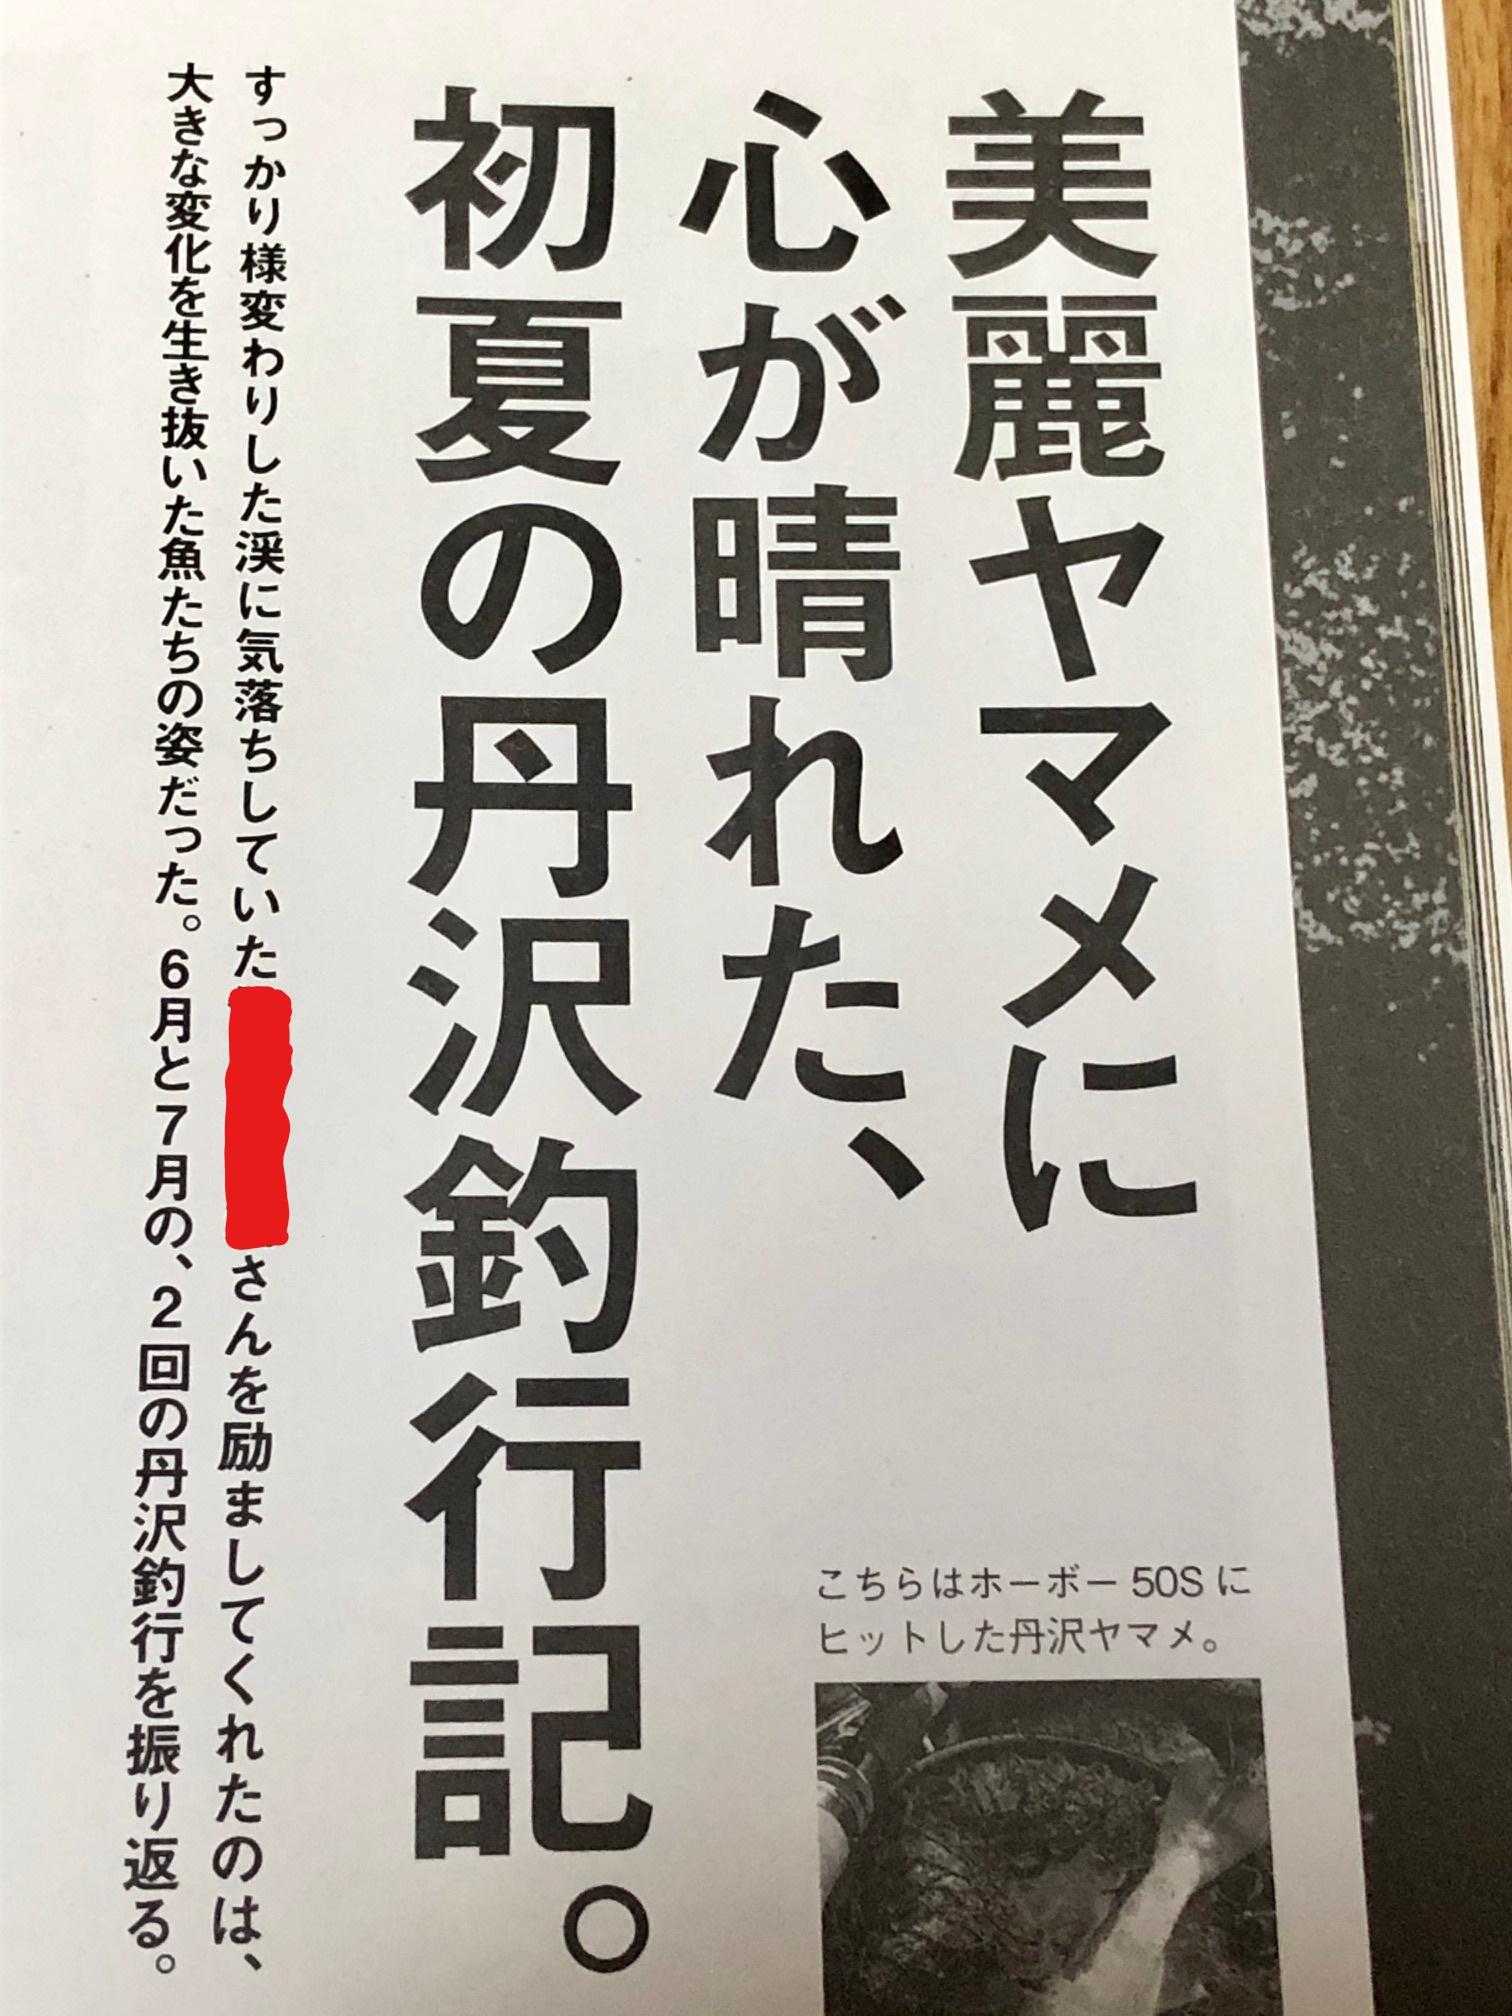 鱒の森最新号